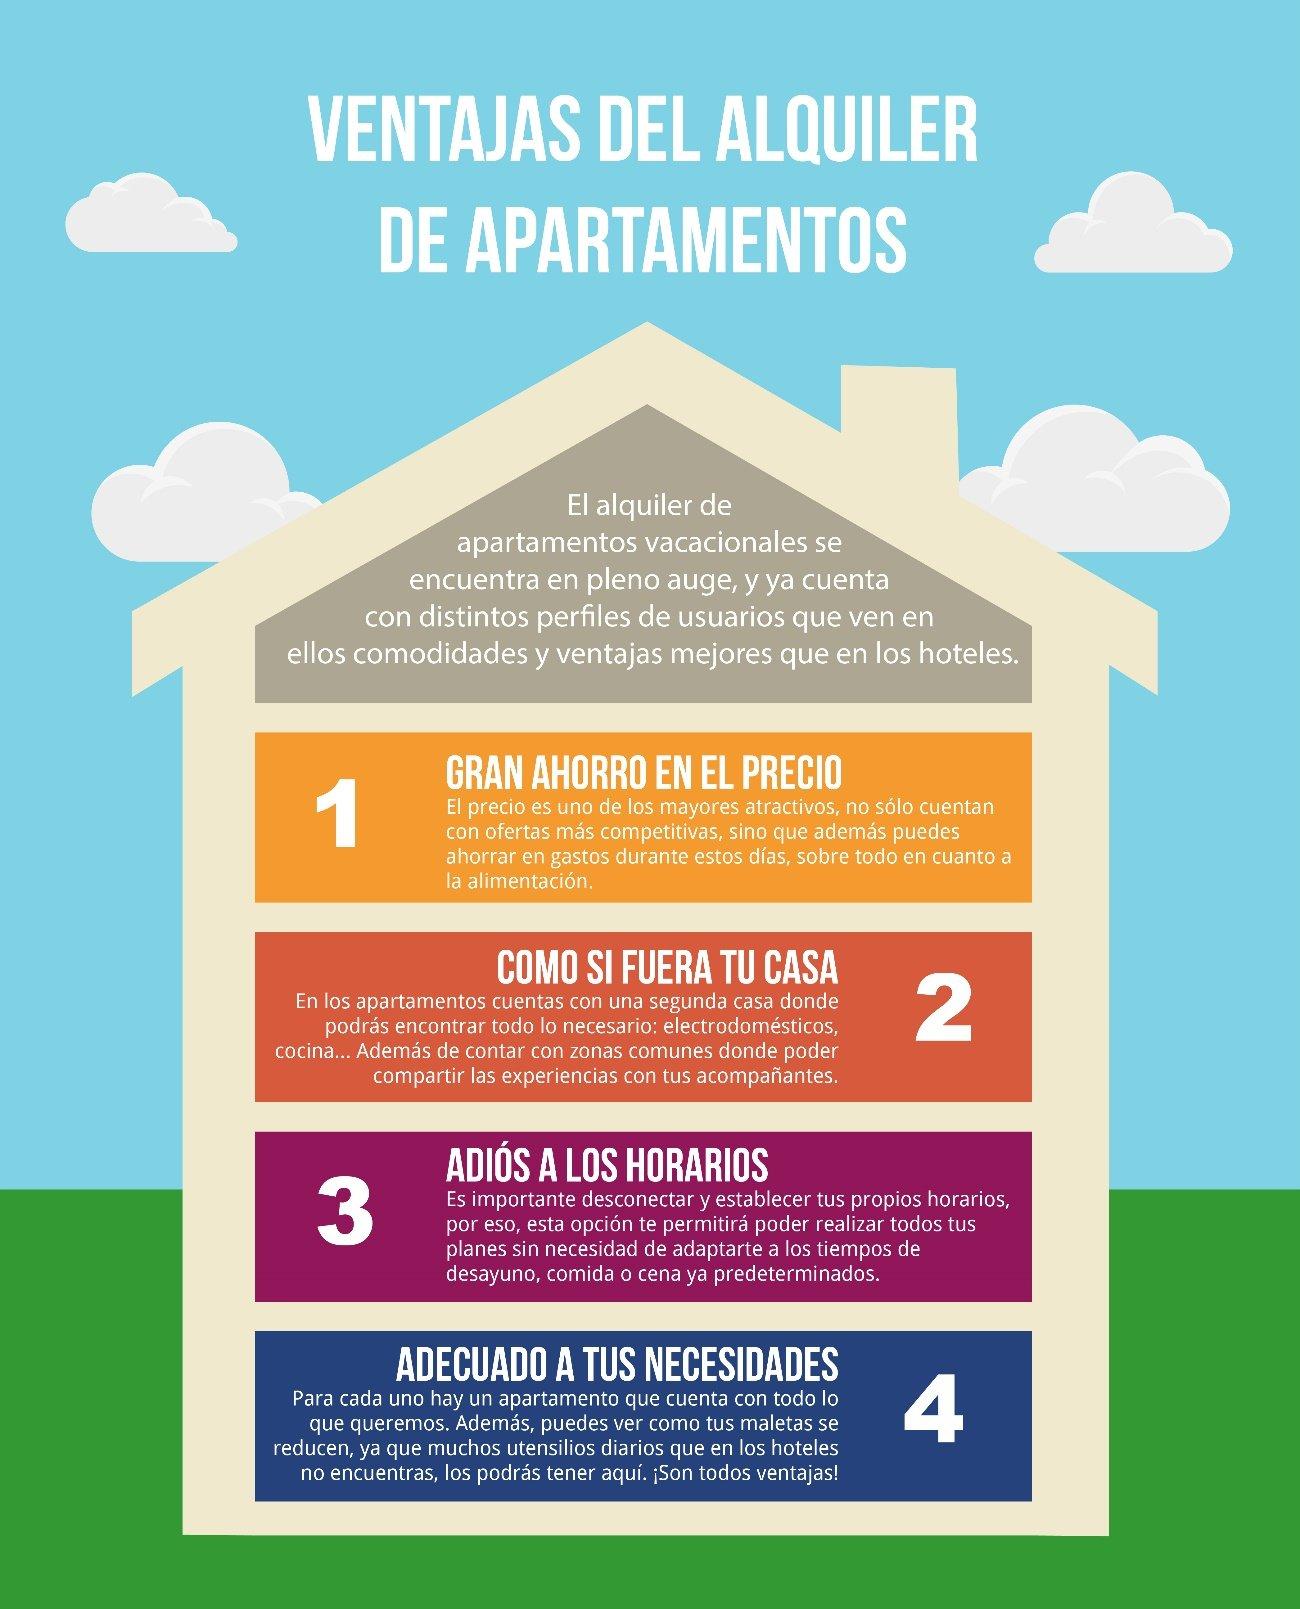 Ventajas de alquilar apartamentos